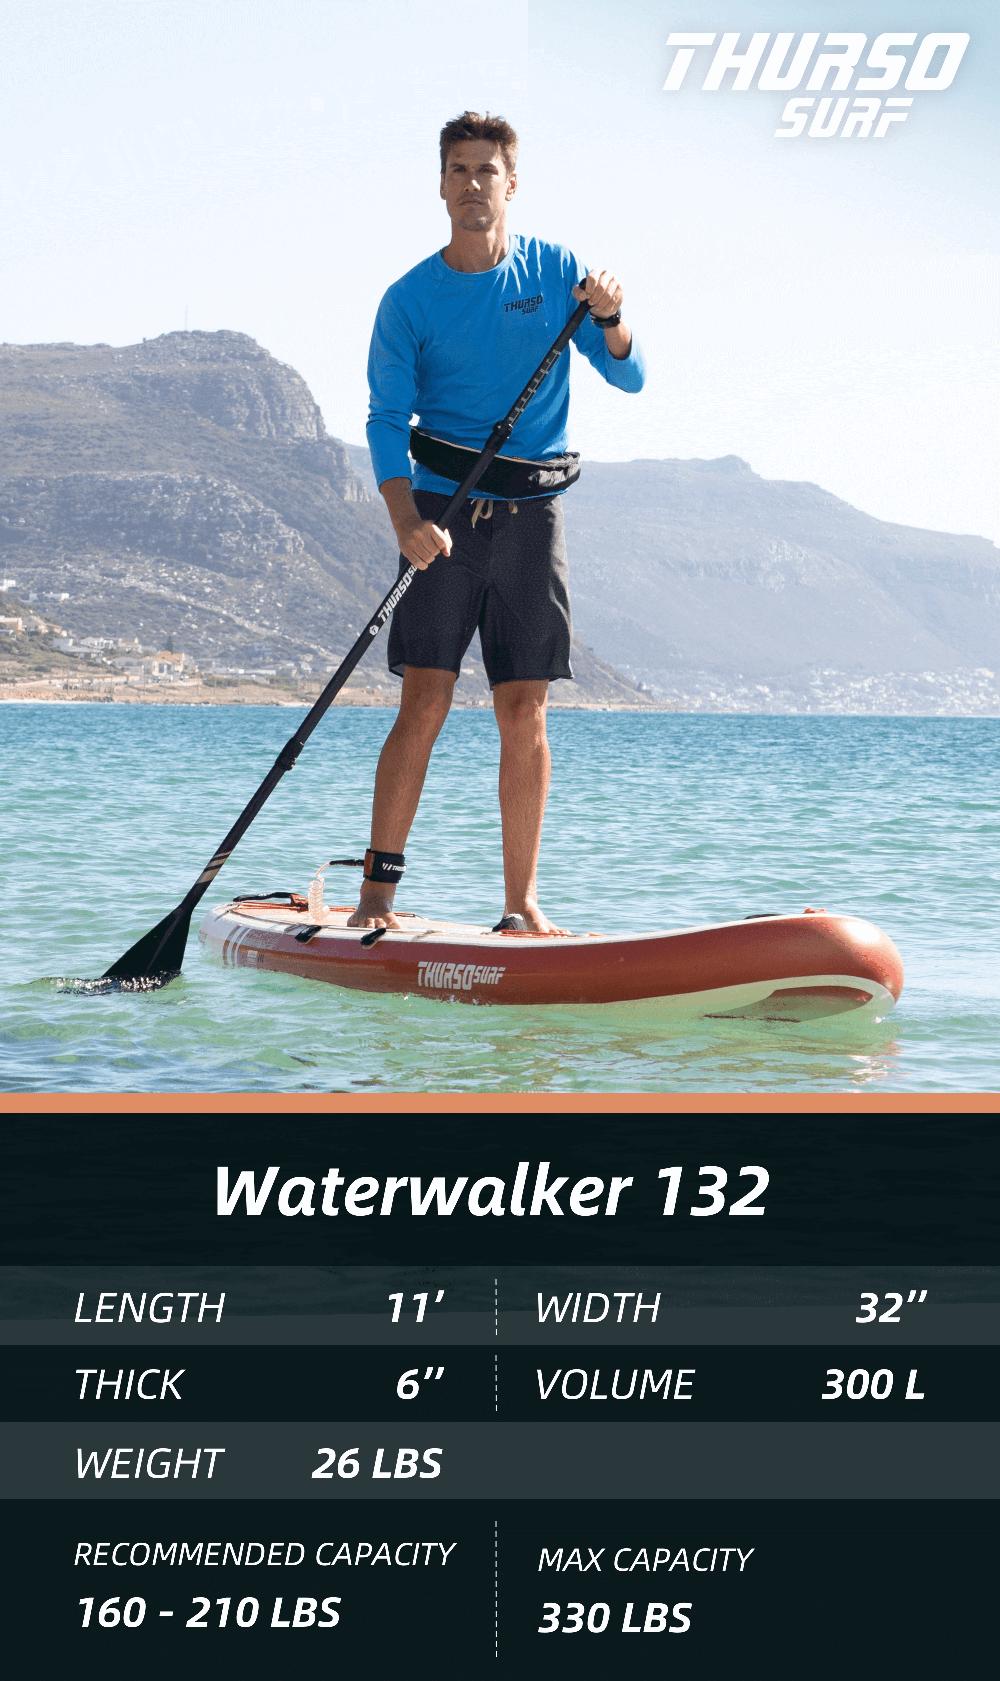 Thurso-Surf-Waterwalker-132-2021-specs-mobile